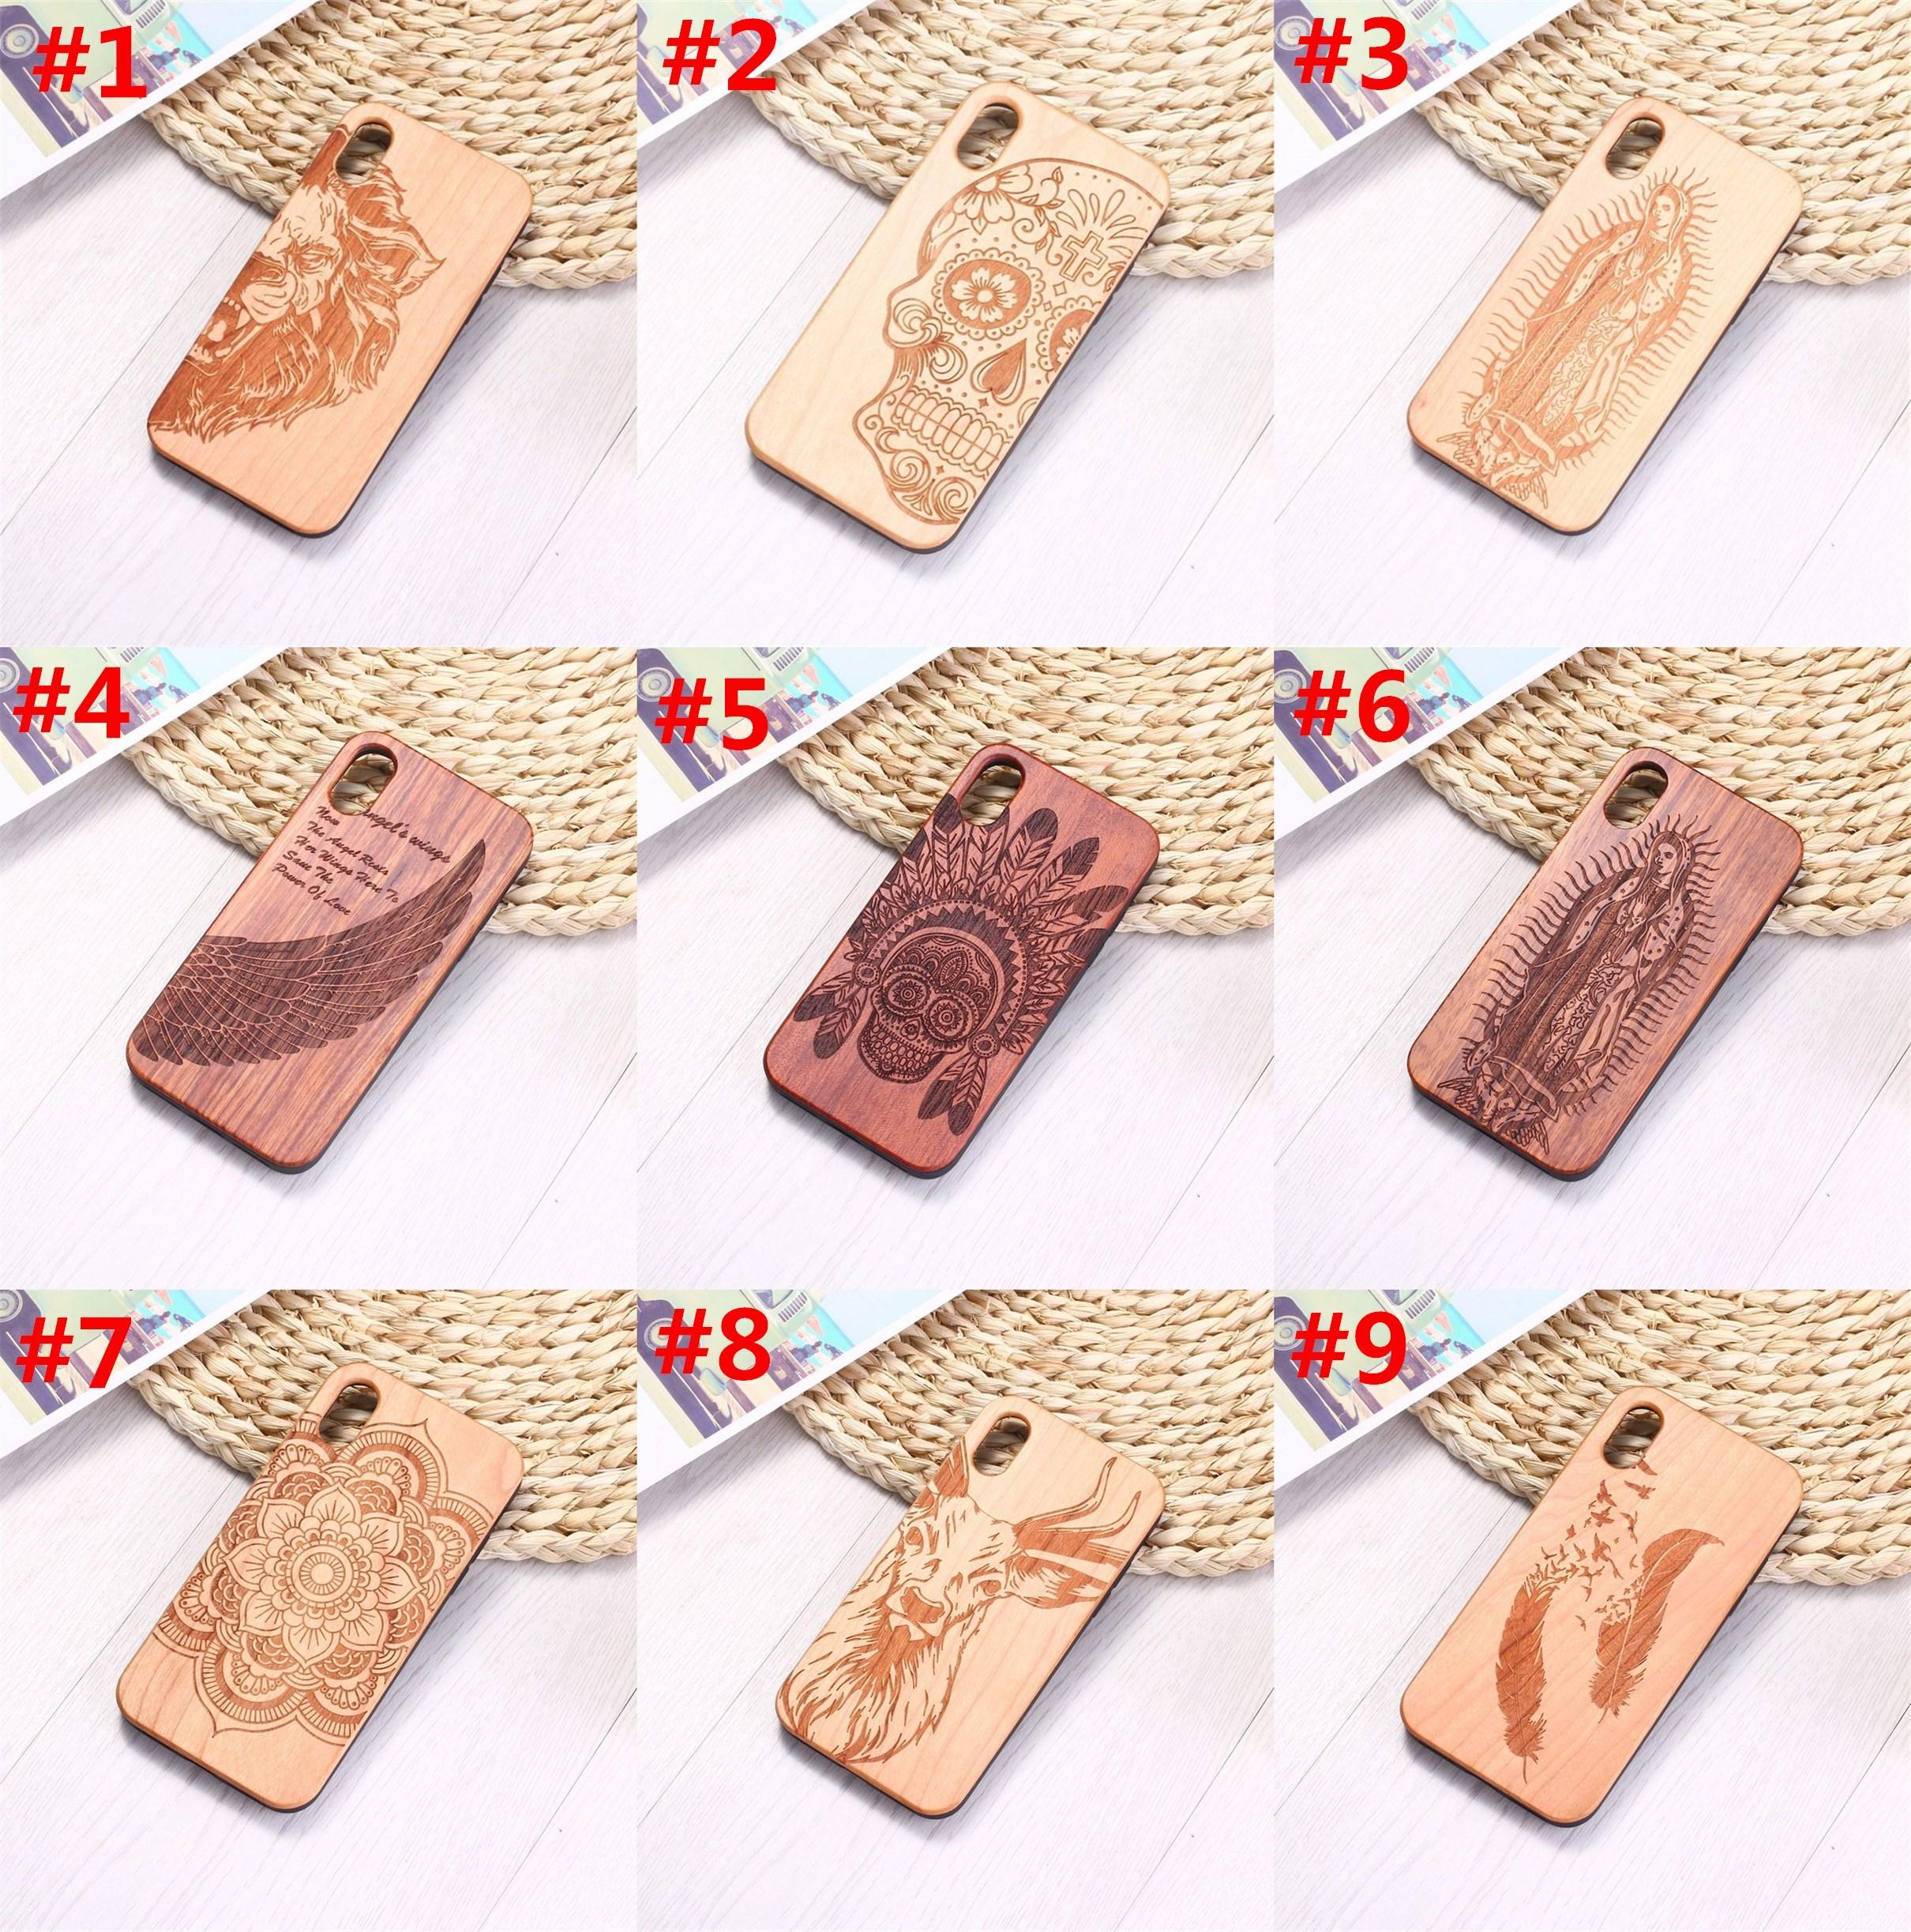 Подлинные деревянные чехлы для iPhone 12 Mini Pro 11 XS MAX XR 6 7 8 PLUS Graval Cover Cover Cover Propured деревянный бамбуковый чехол для телефона